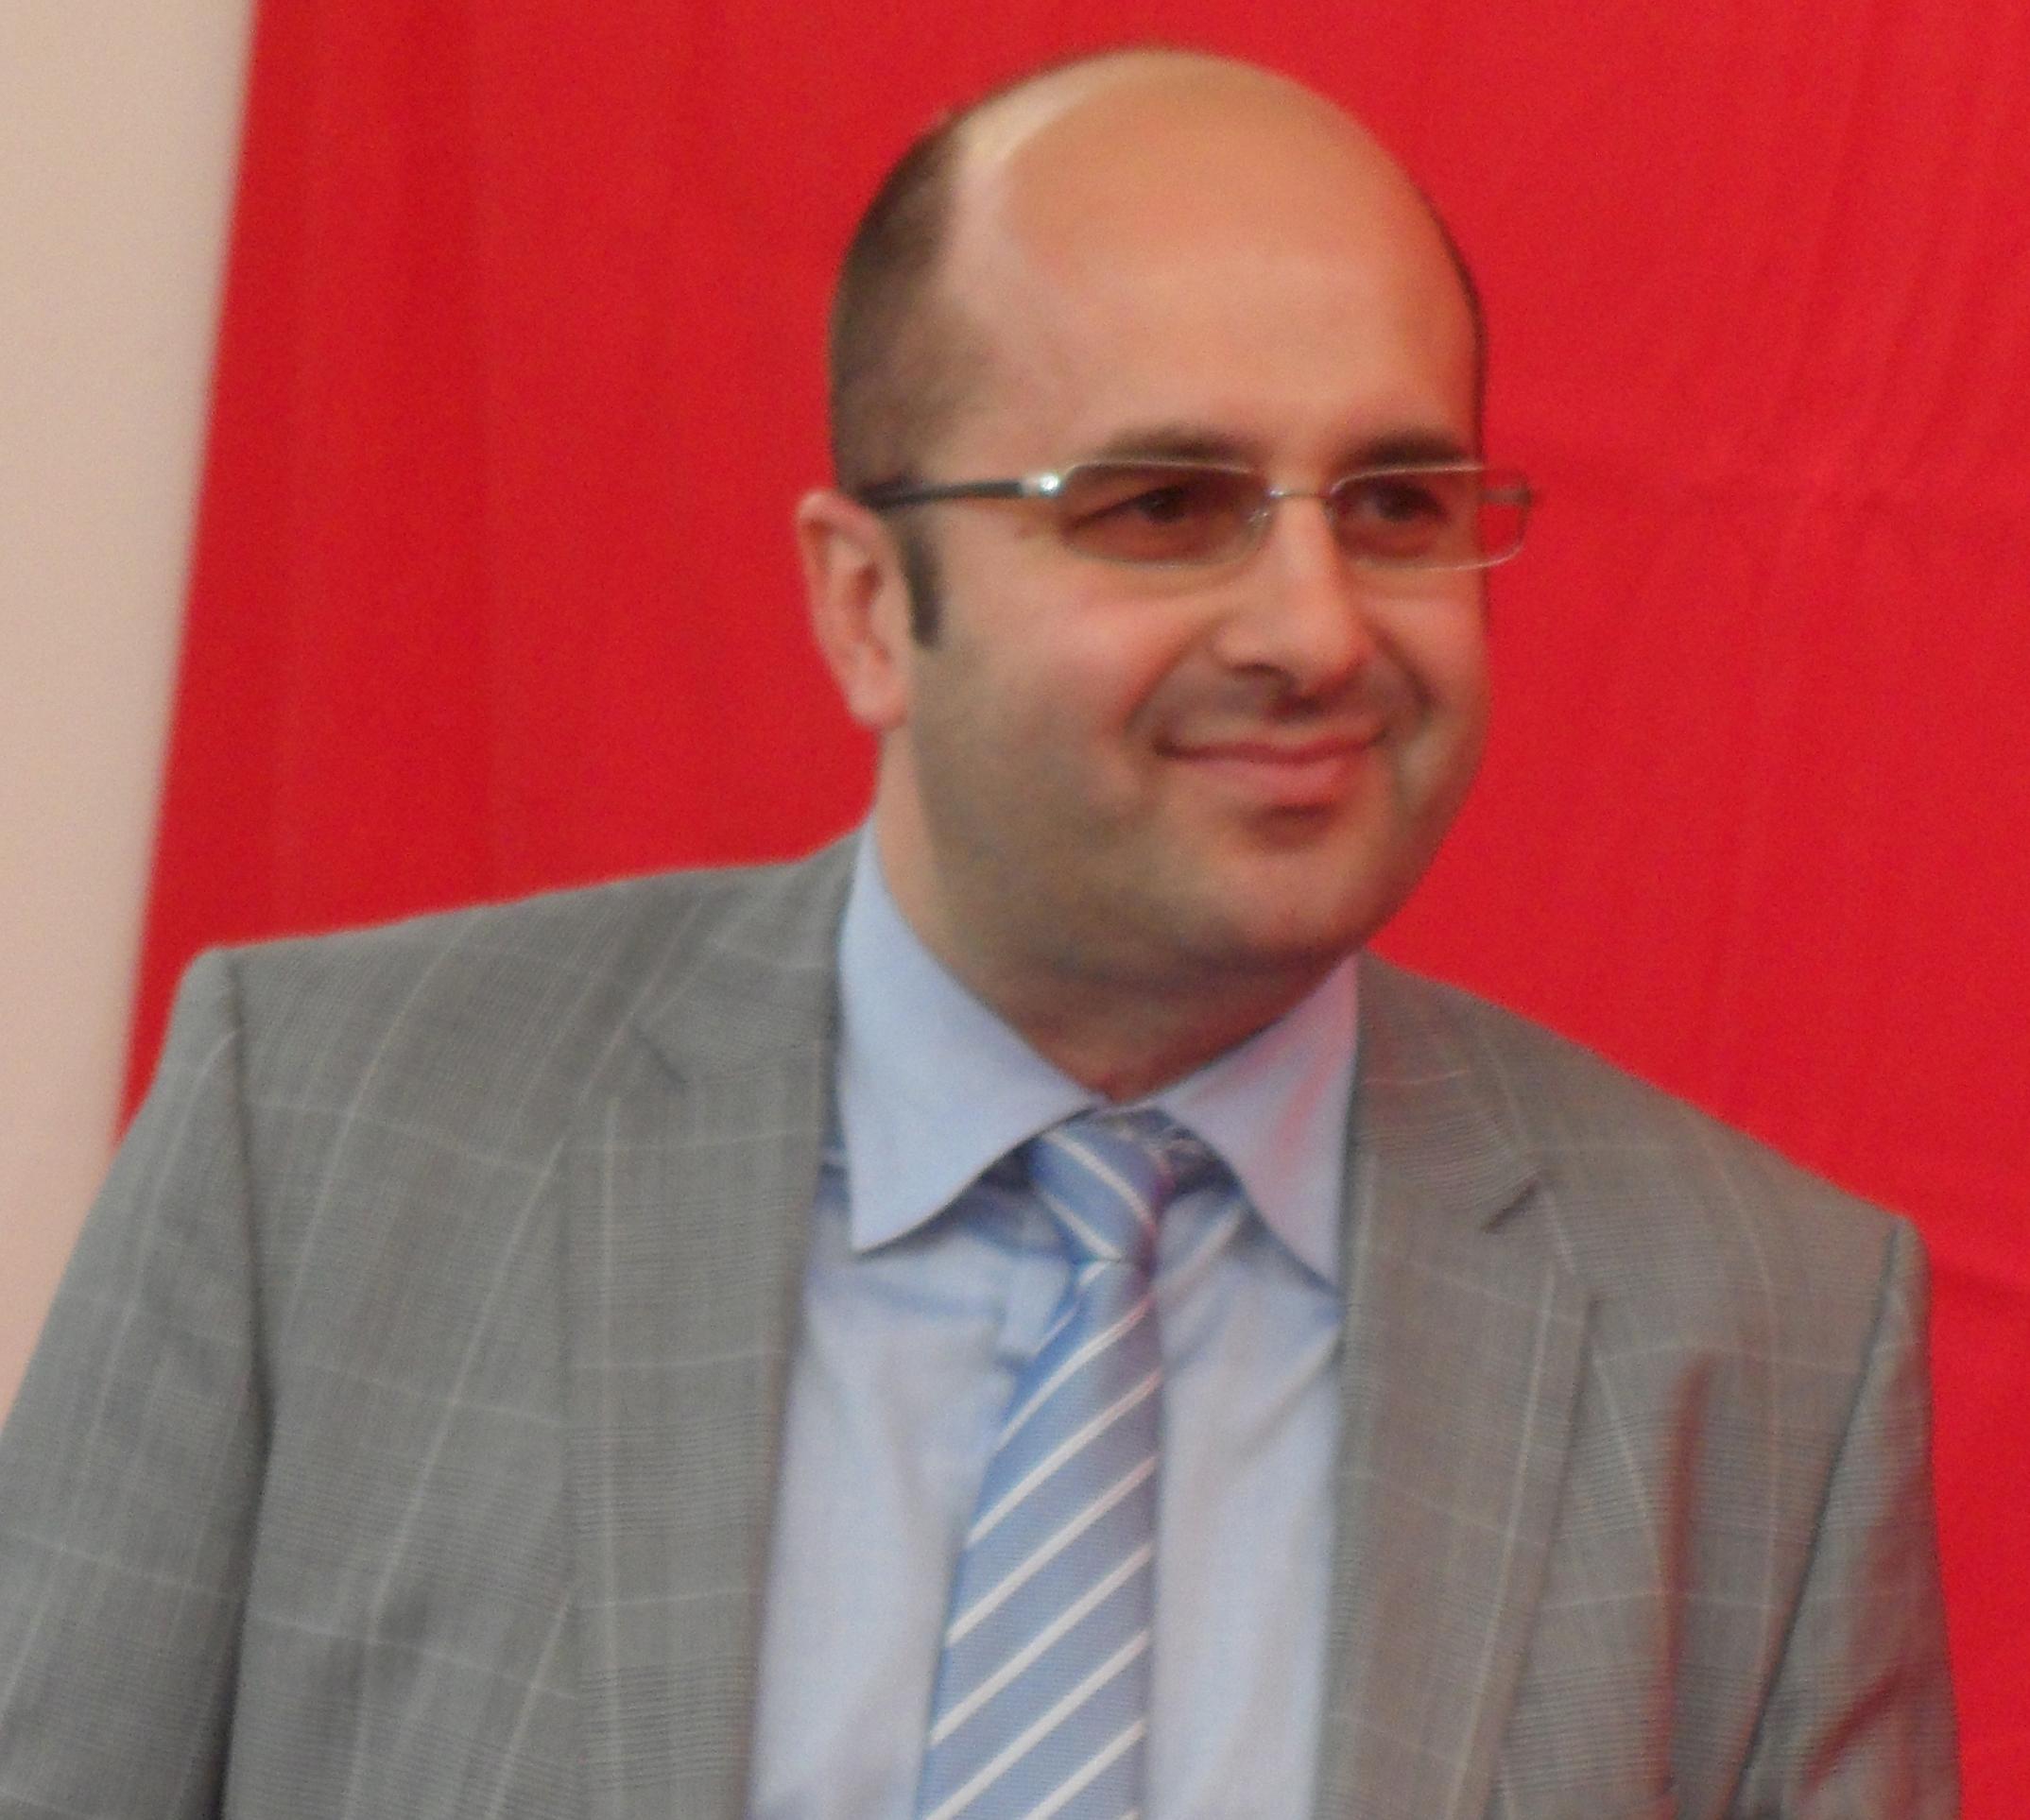 Fabio Mazza, direttore operativo di Spina Group